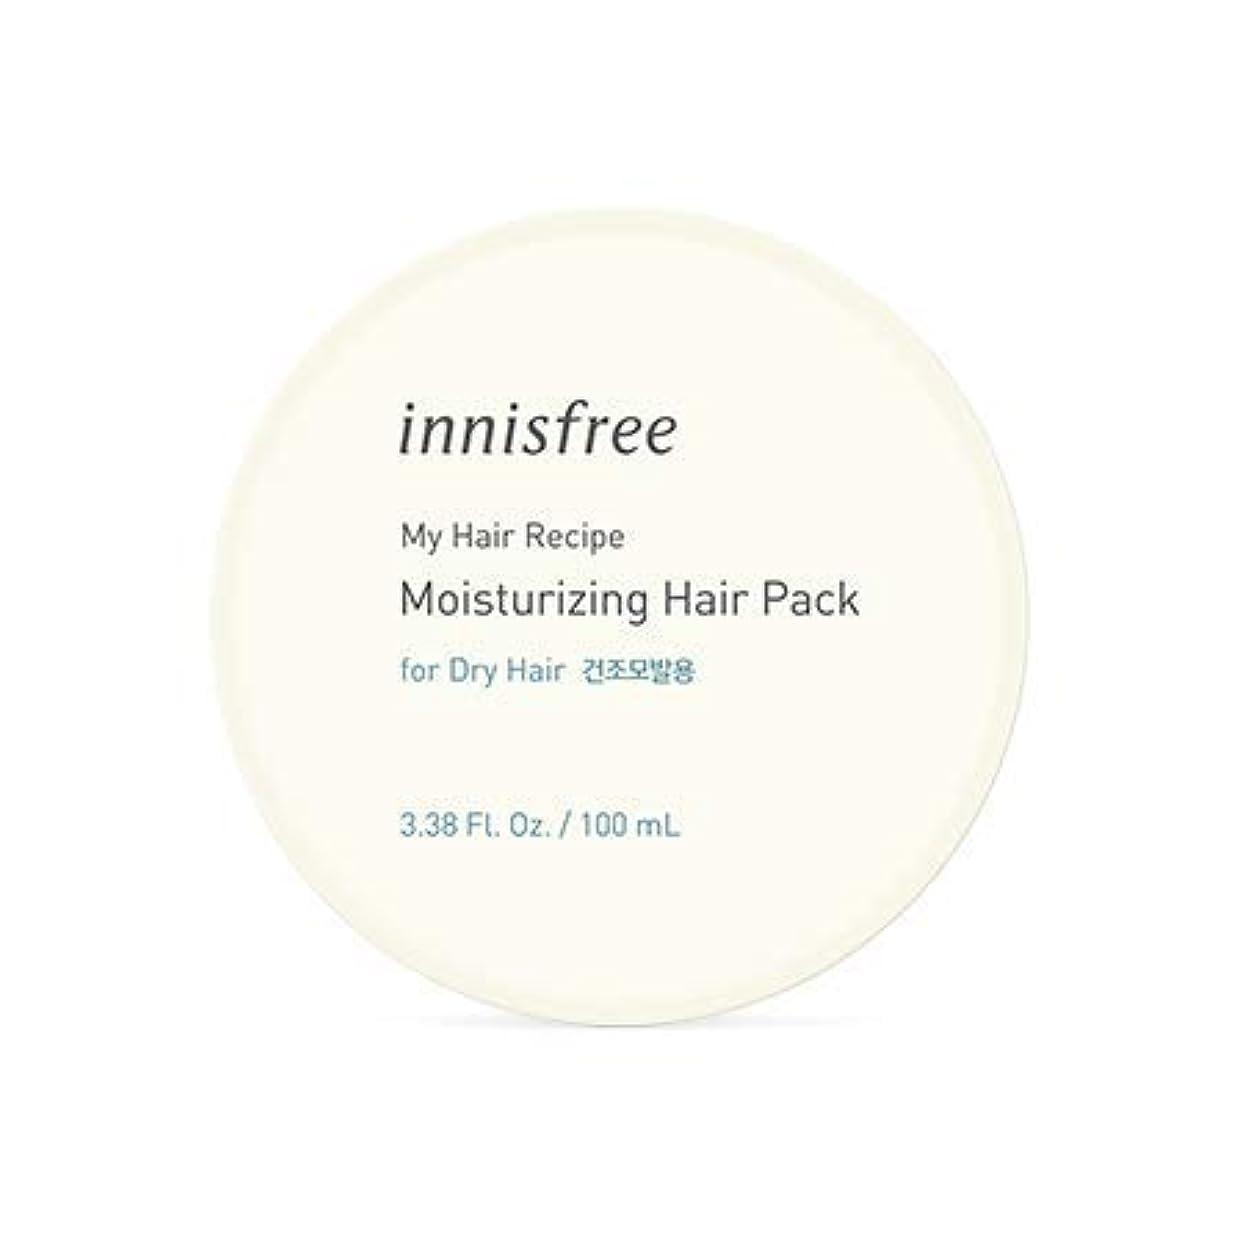 キャラバン避けられない条件付き[イニスフリー.INNISFREE]マイヘアレシピモイスチャライジングヘアパック[乾燥毛髪用] (100mL×2EA) / HAIR RECIPE MOISTURIZING HAIR PACK_しっとりツヤ私レシピで乾燥毛髪...